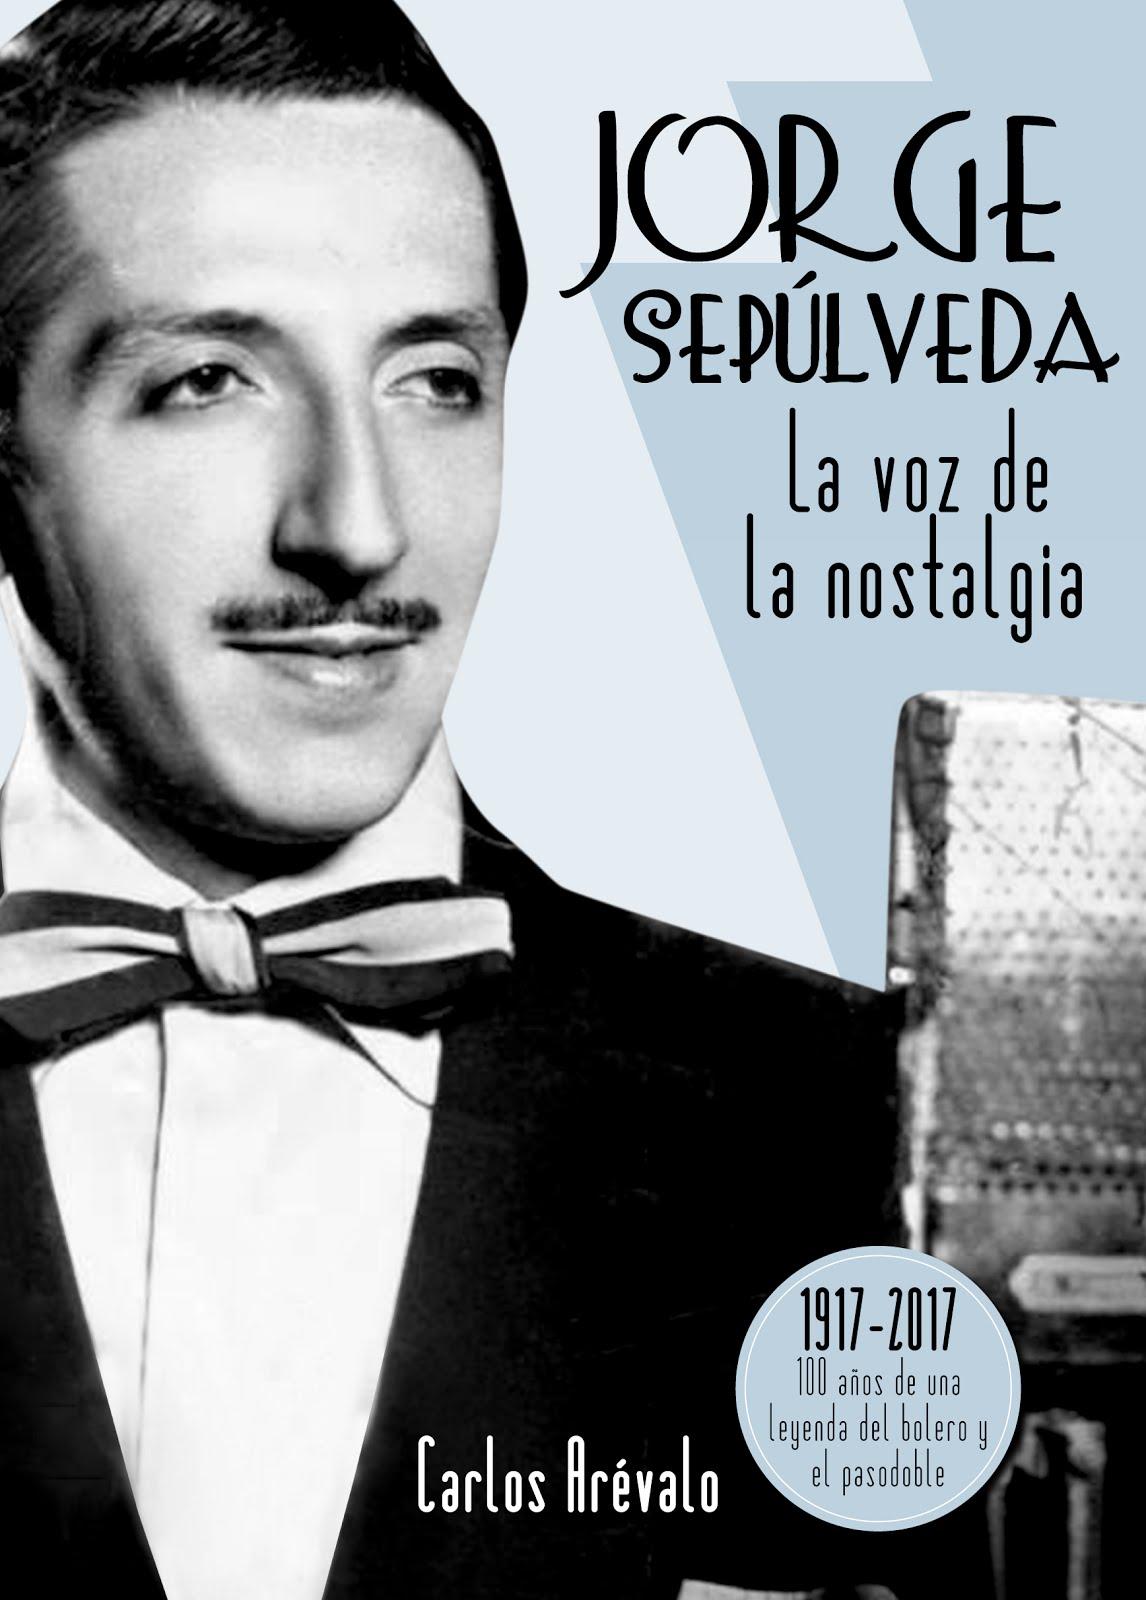 Biografía de Jorge Sepúlveda